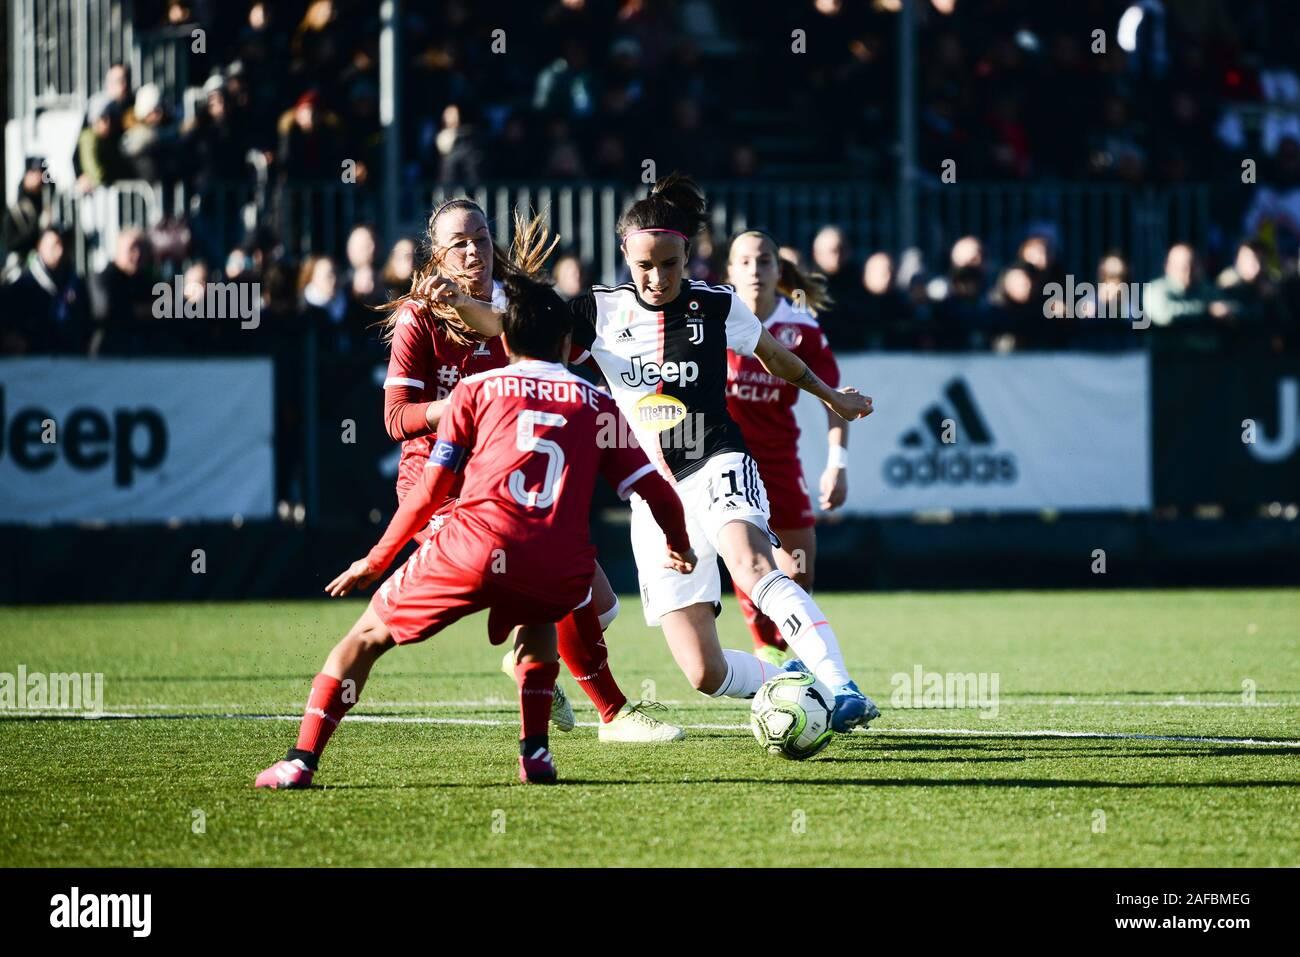 Barba Bonansea of Juventus in action during the Women Serie A match between Juventus and Bari Pink. Juventus won 2-0 over Bari Pink. In Vinovo at Juve Stock Photo